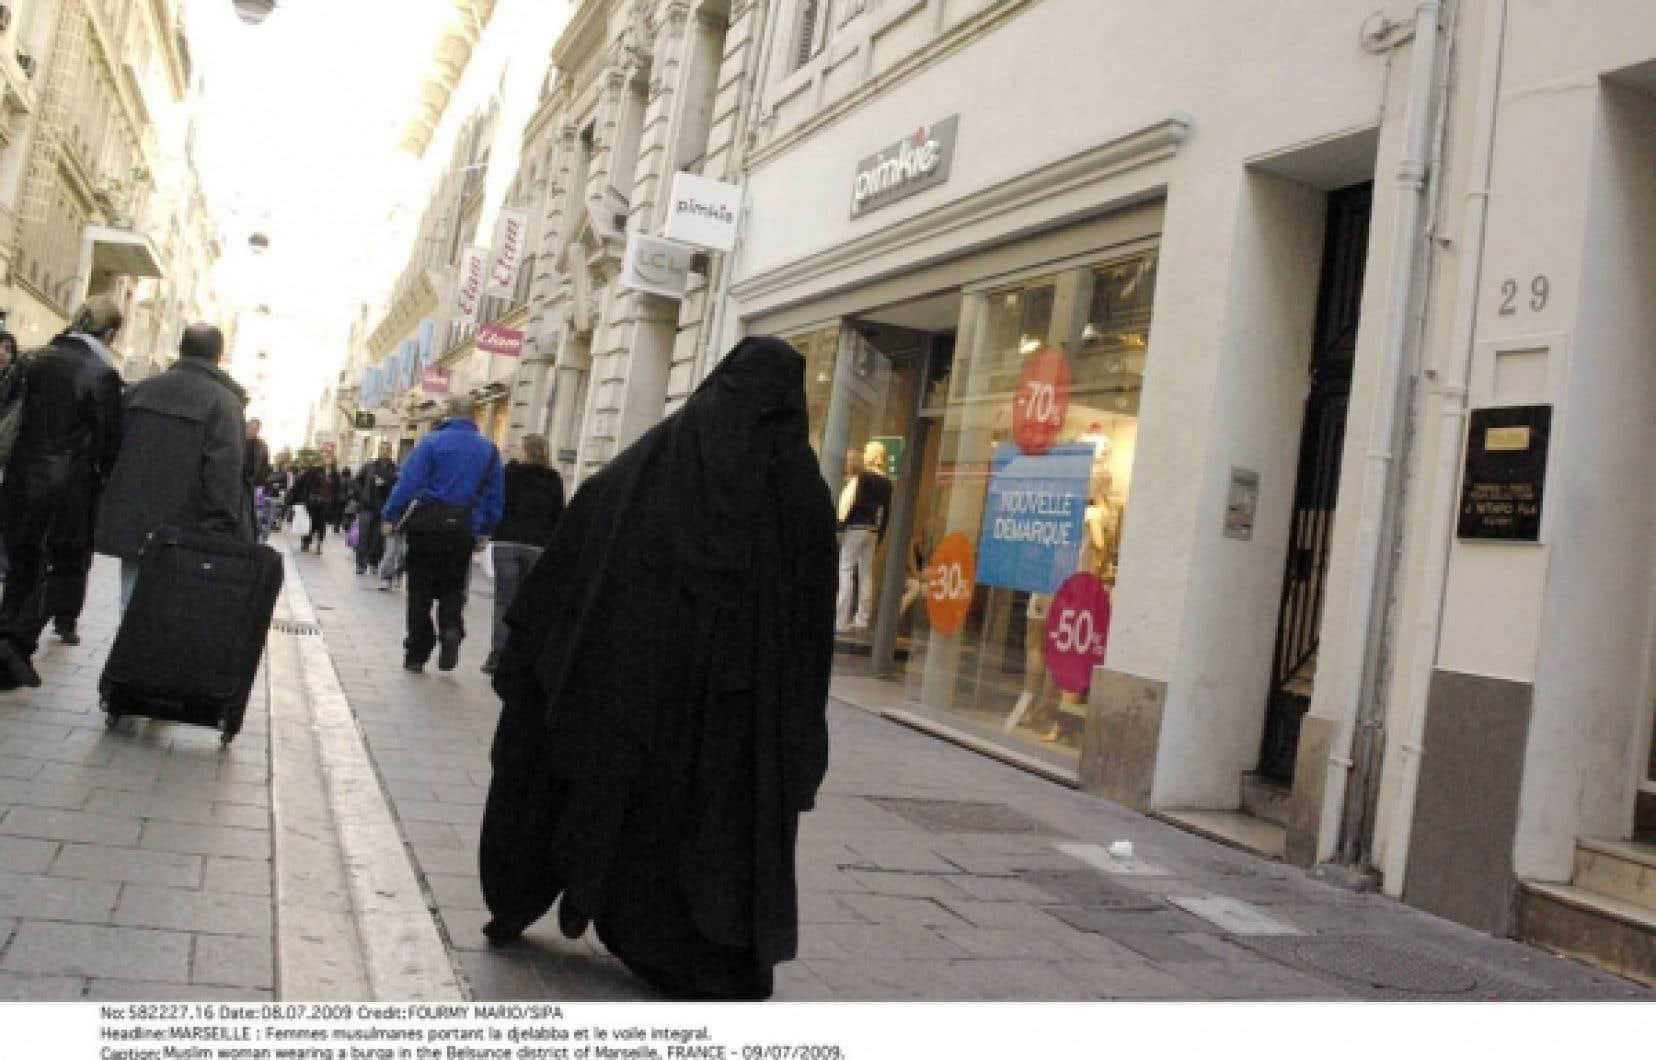 Une femme portant le voile intégral dans une rue de Marseille. À la surprise générale, le dépôt d'un projet de loi visant à interdire la burqa a été annoncé hier.